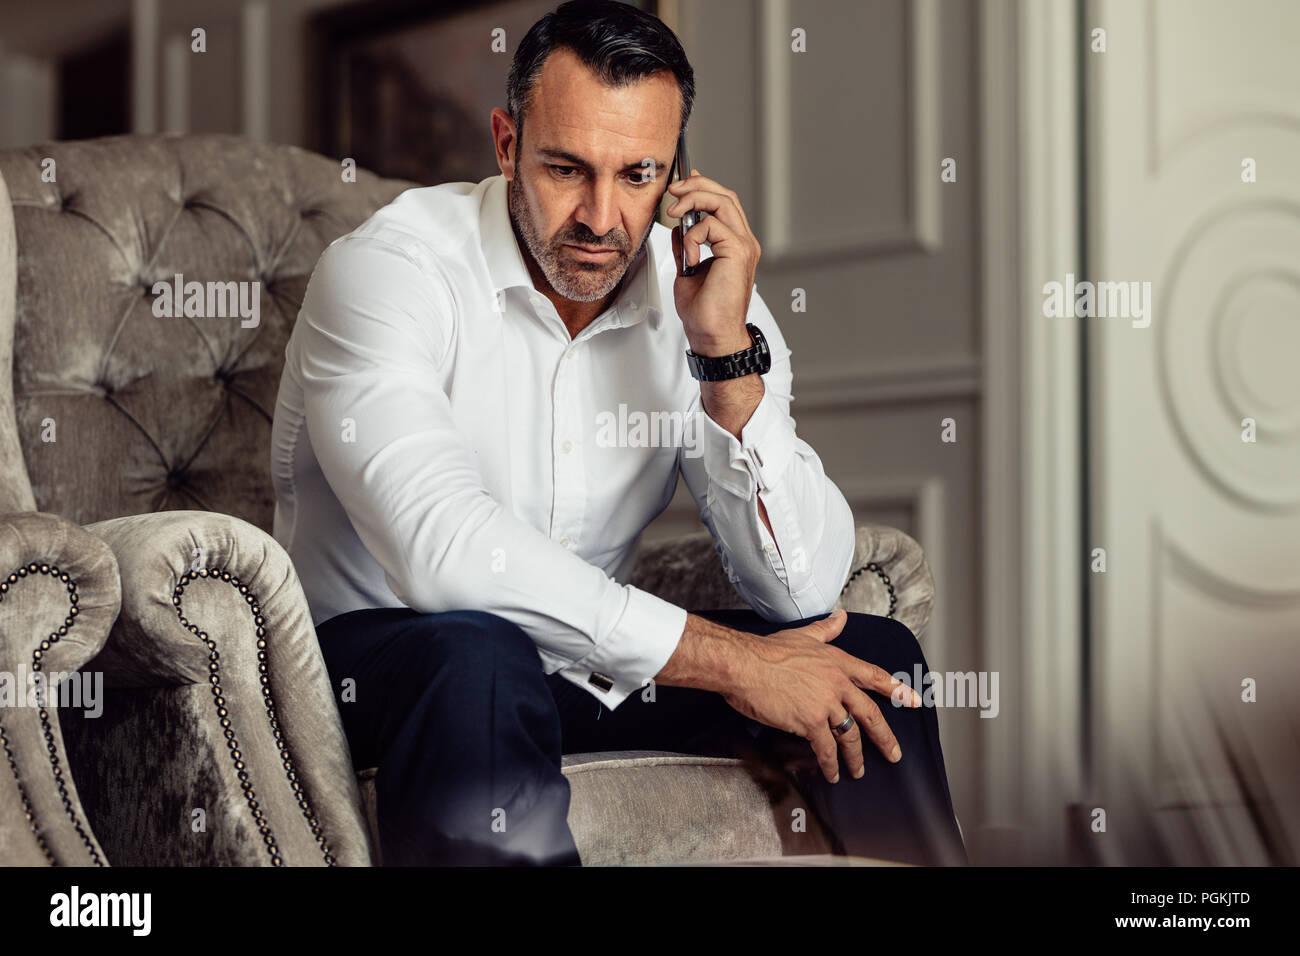 Imprenditore facendo una telefonata dopo essere arrivati nella stanza dell'hotel. Uomo in abbigliamento formale seduti su una sedia e parlare sullo smartphone. Immagini Stock